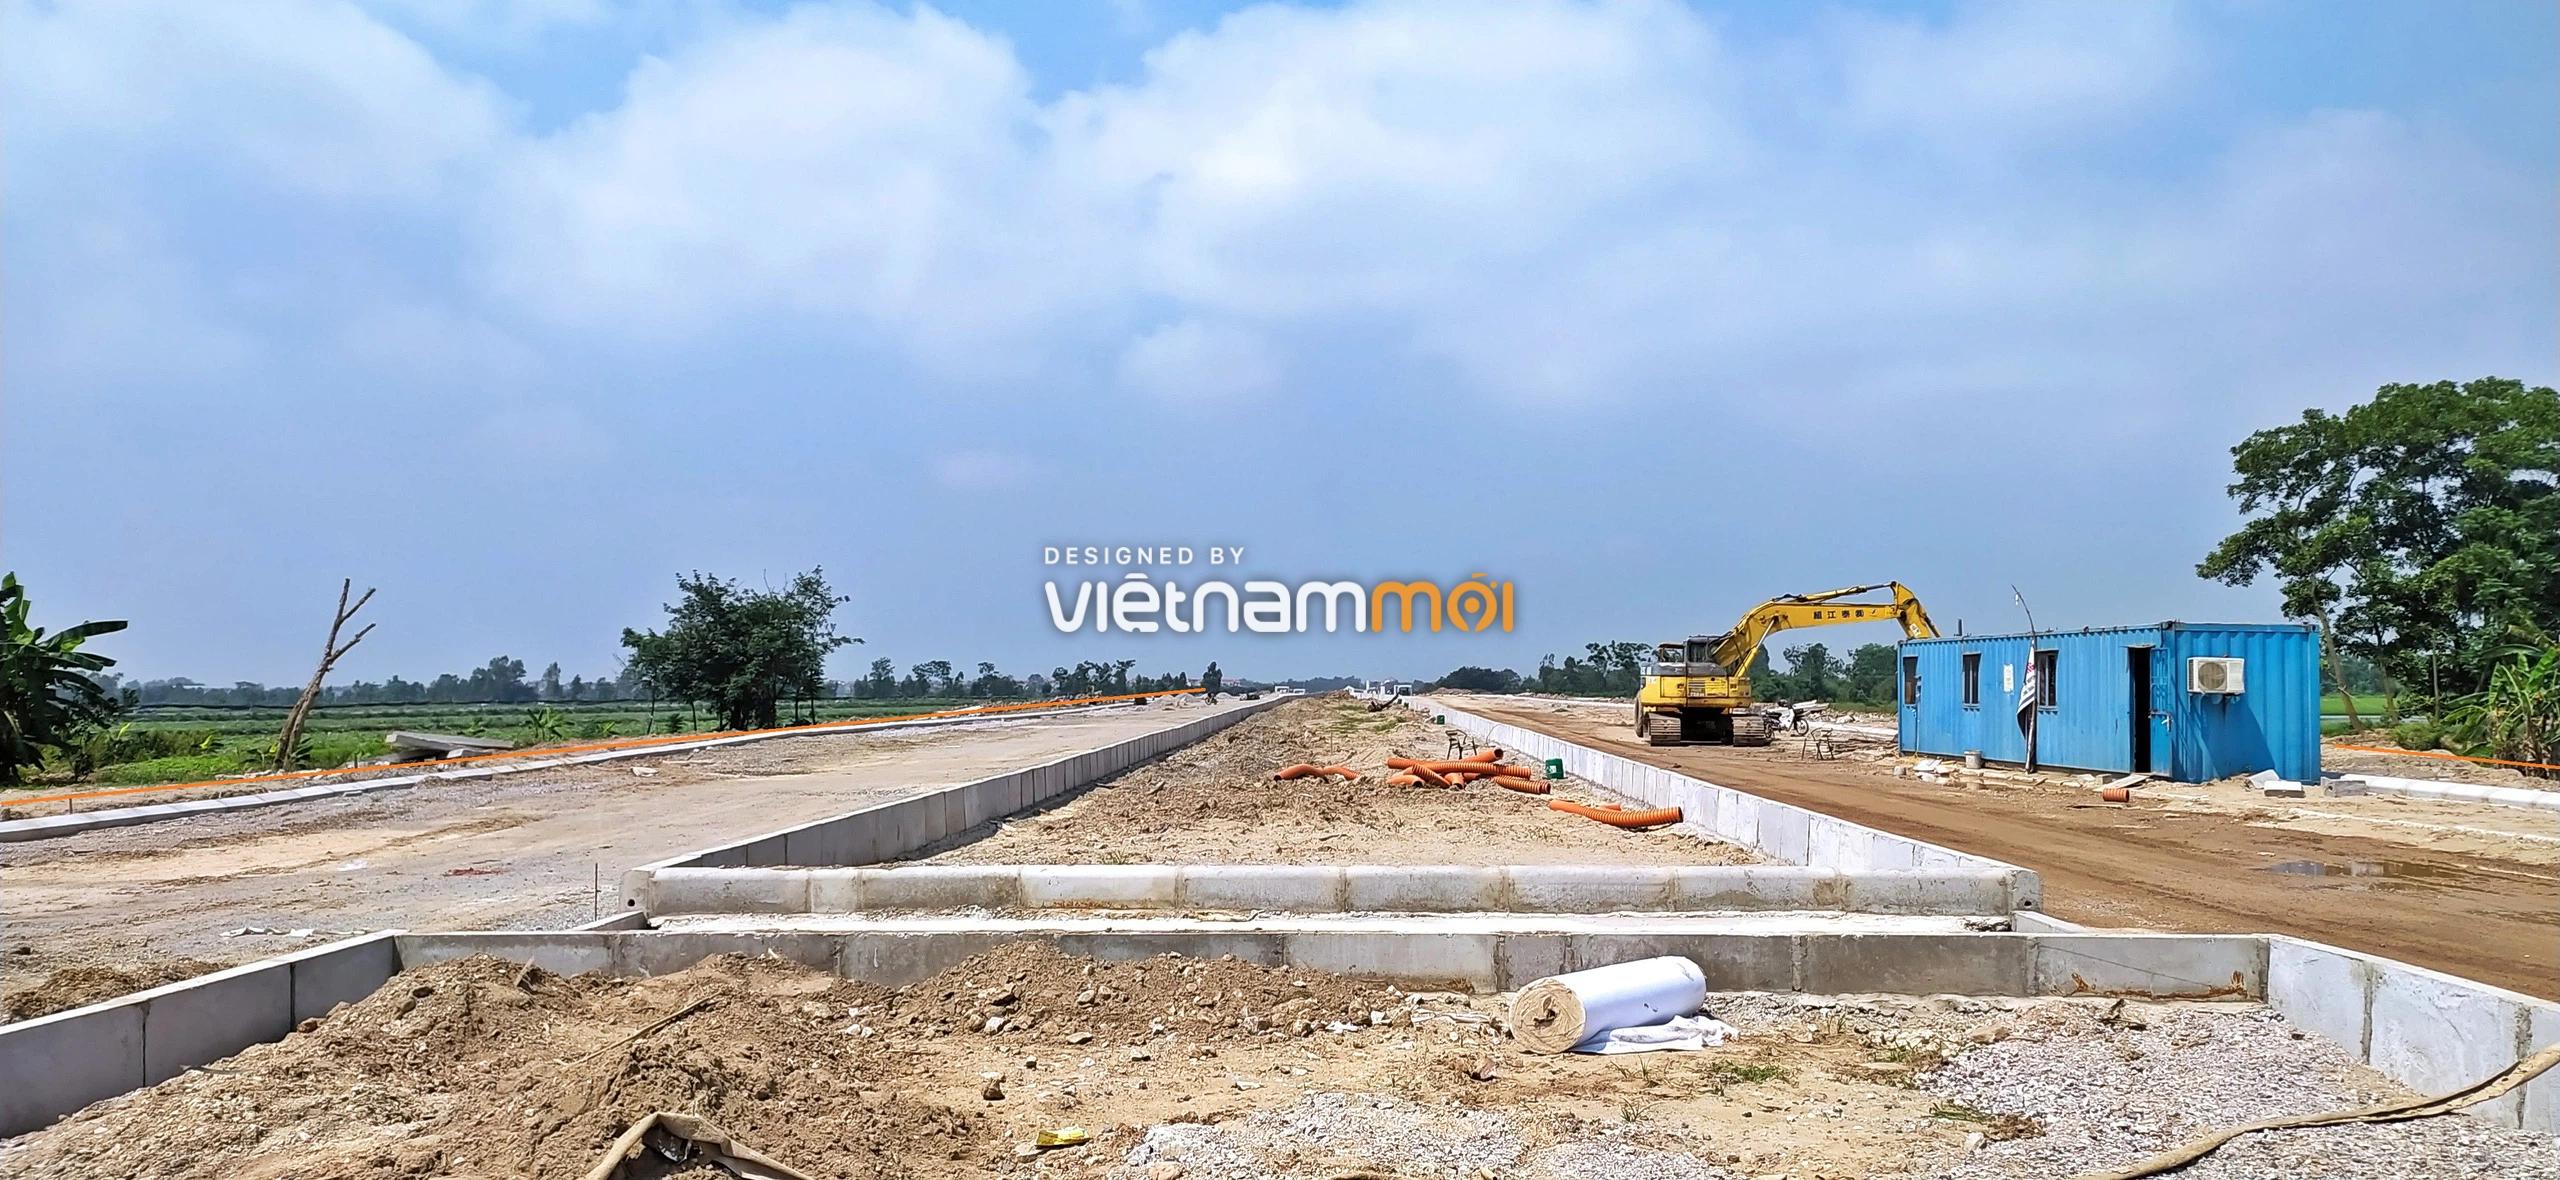 Toàn cảnh đường từ trung tâm hành chính huyện Mê Linh đến gần Văn Khê đang mở theo quy hoạch ở Hà Nội - Ảnh 5.